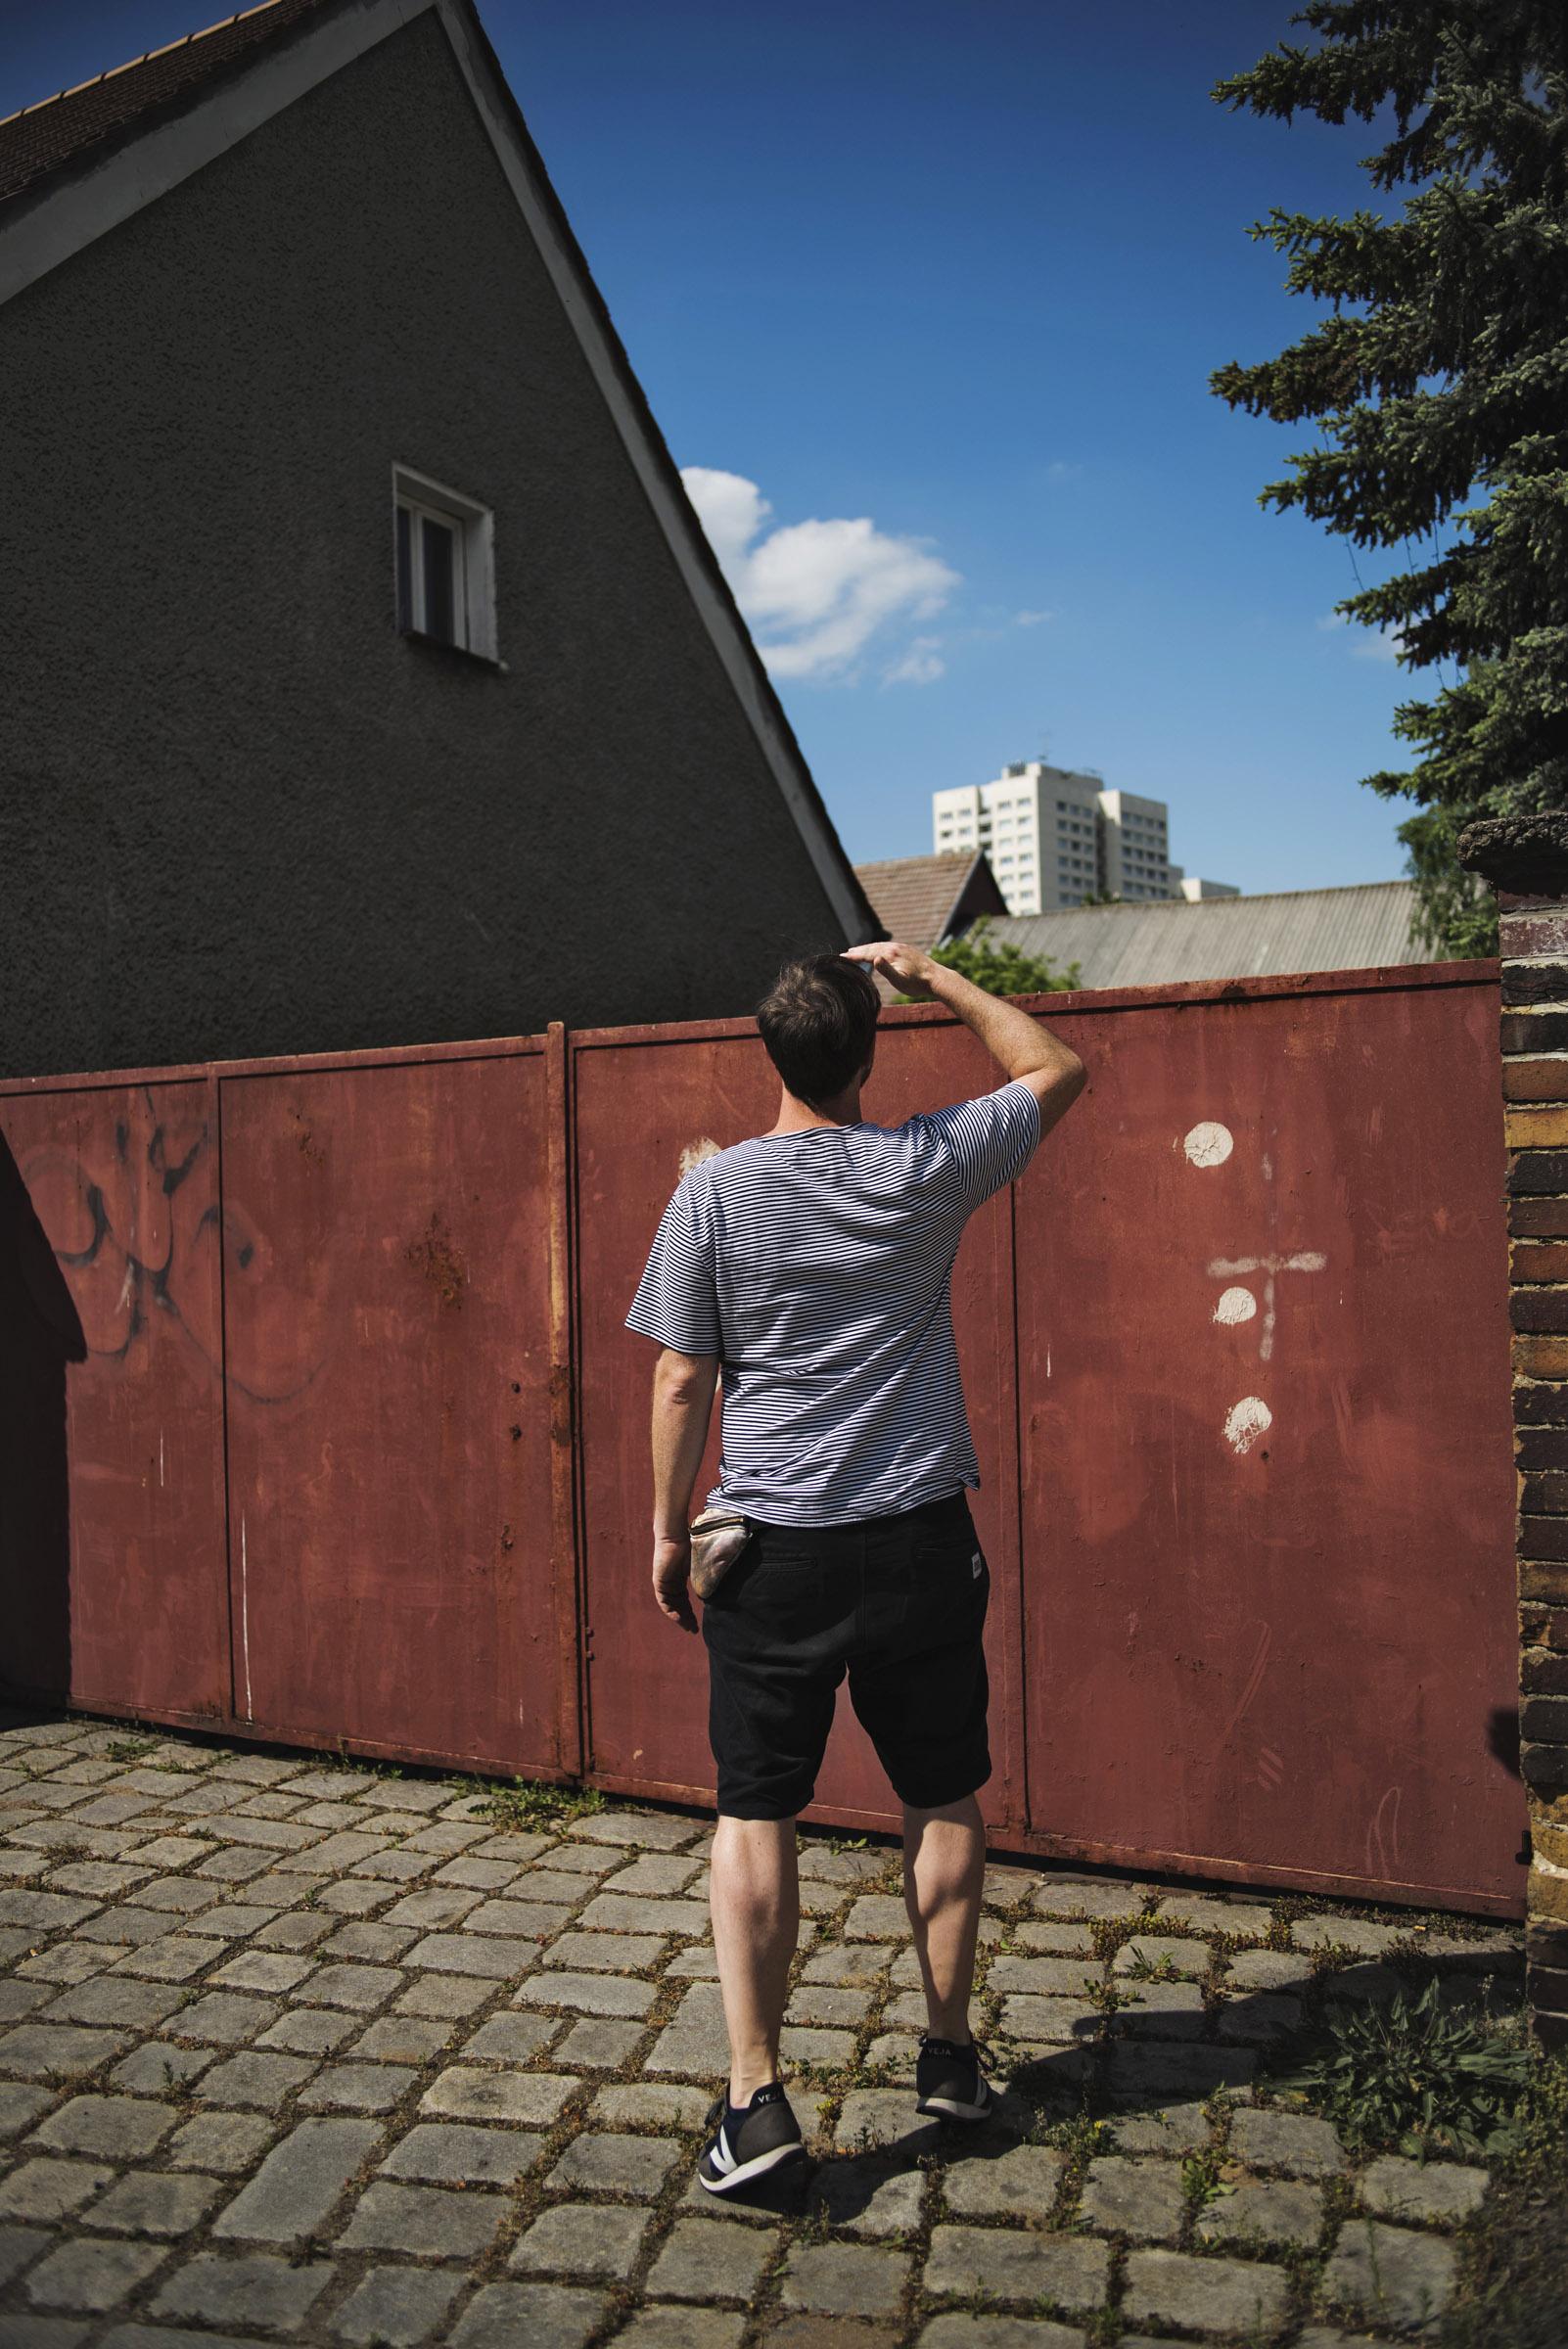 Die letzten Tage des Sommers | Outfit | OOTD | Zahn und Zieger unterwegs | Neulich in Marzahn | Foto: René Zieger | GROSS∆RTIG